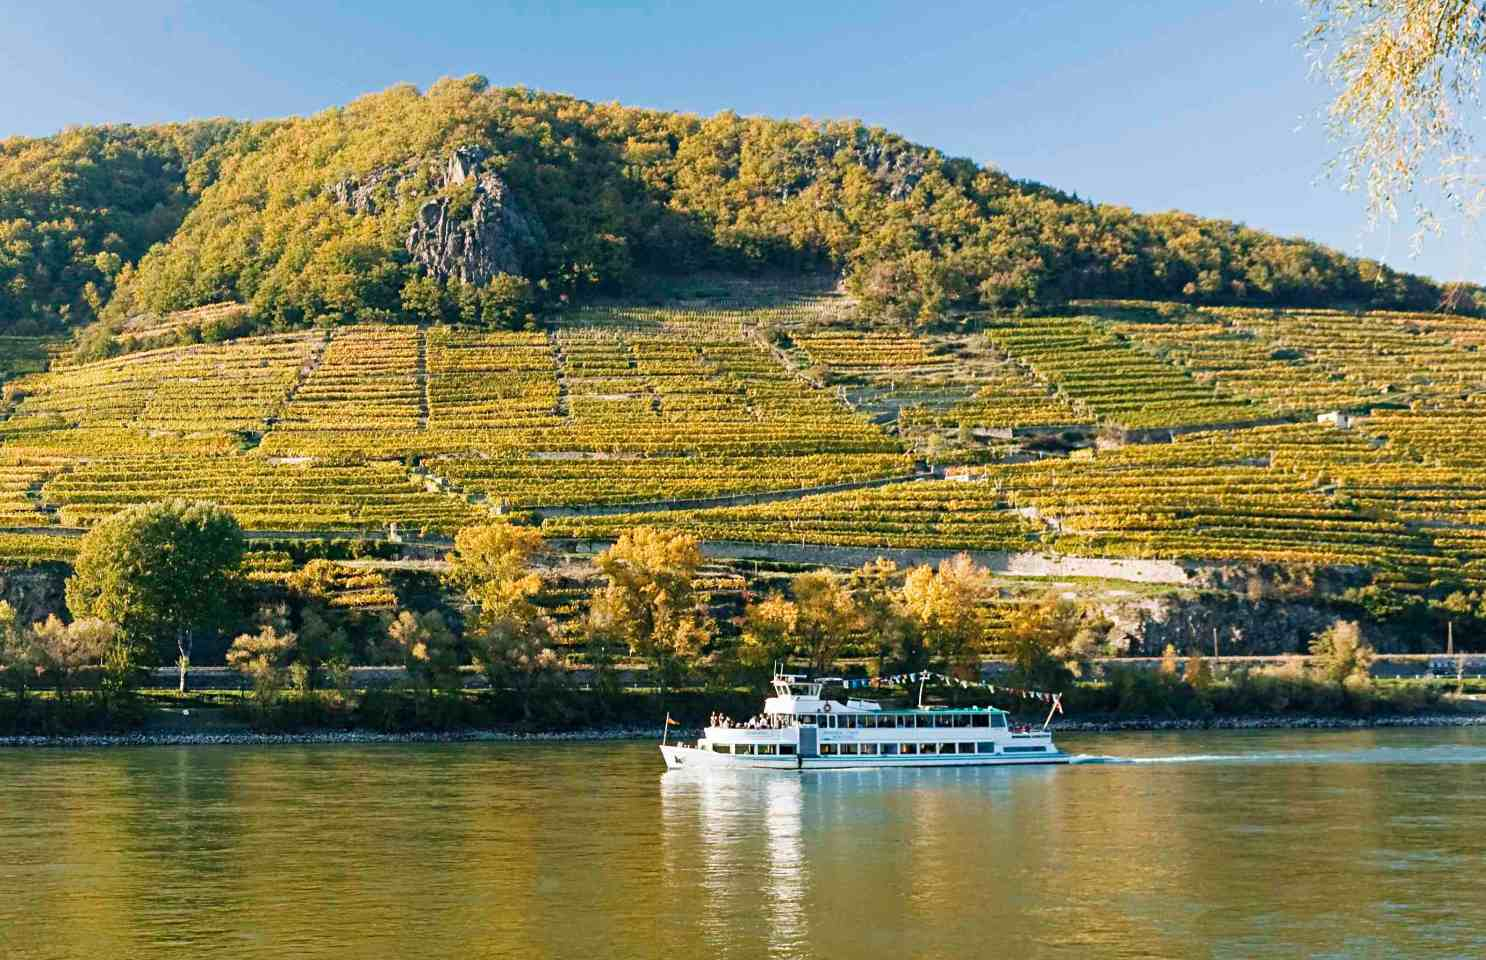 Лучшие винодельни виноградники мира Европы Австрия Вахау